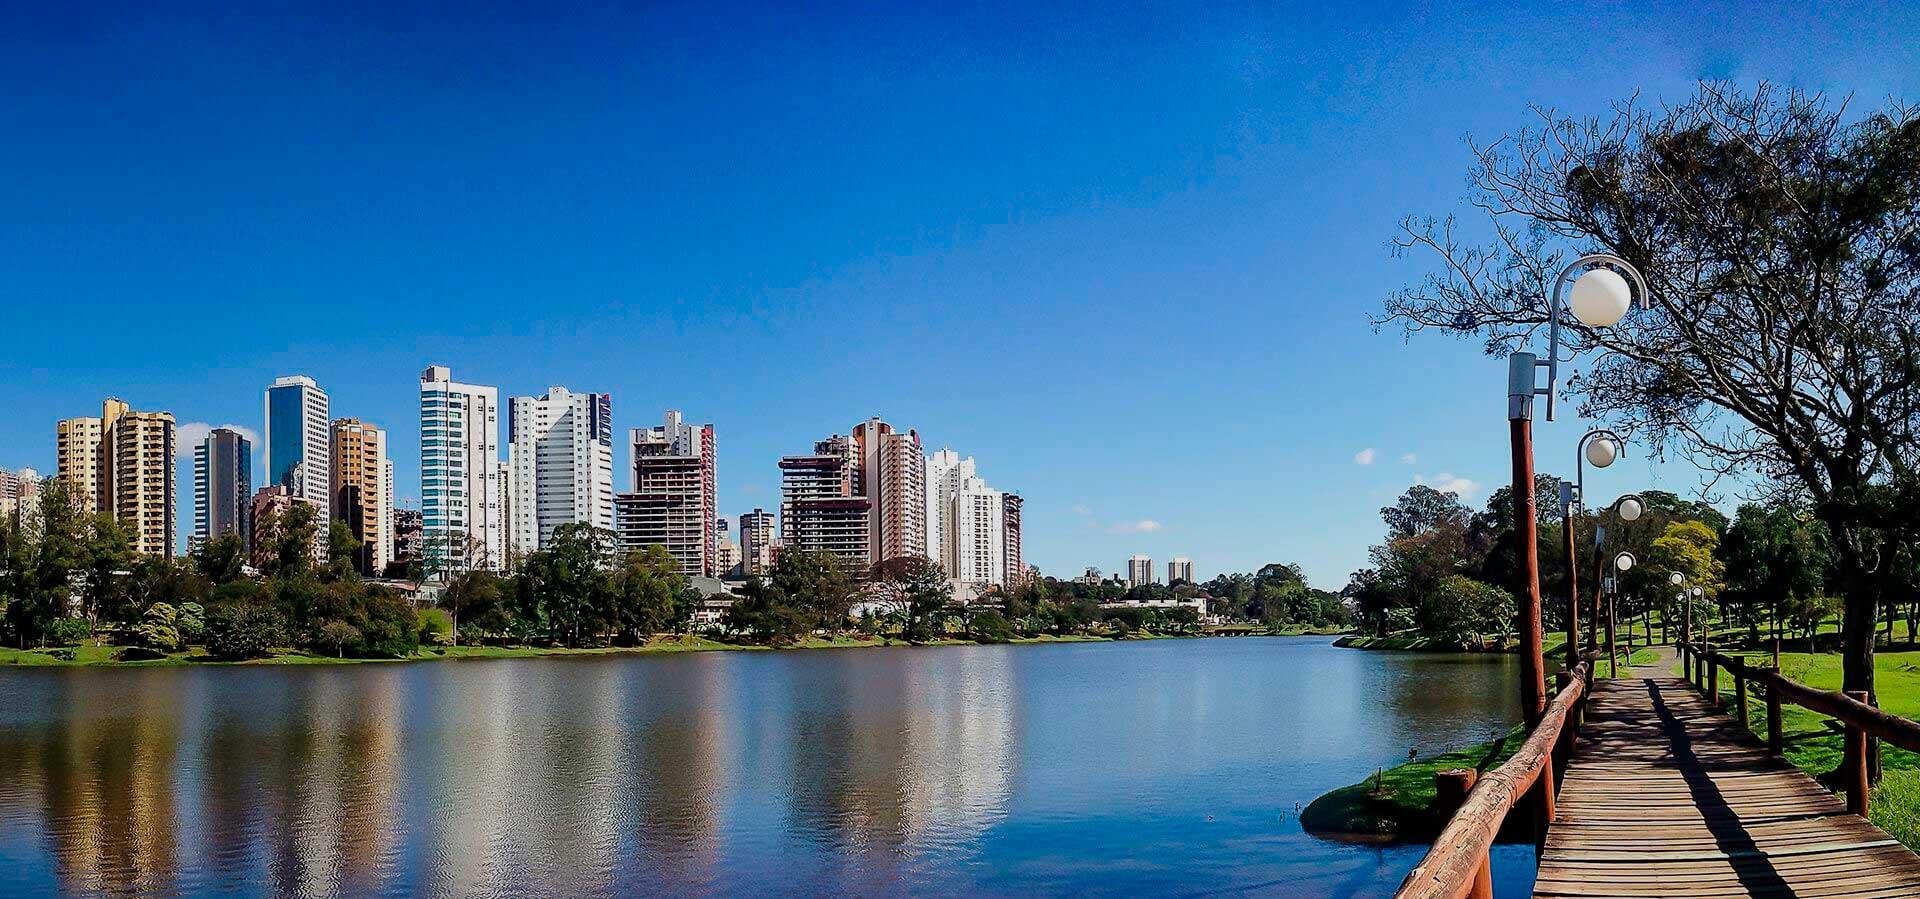 vox-administradora-vox-administração-de-condomínios-curitiba-londrina